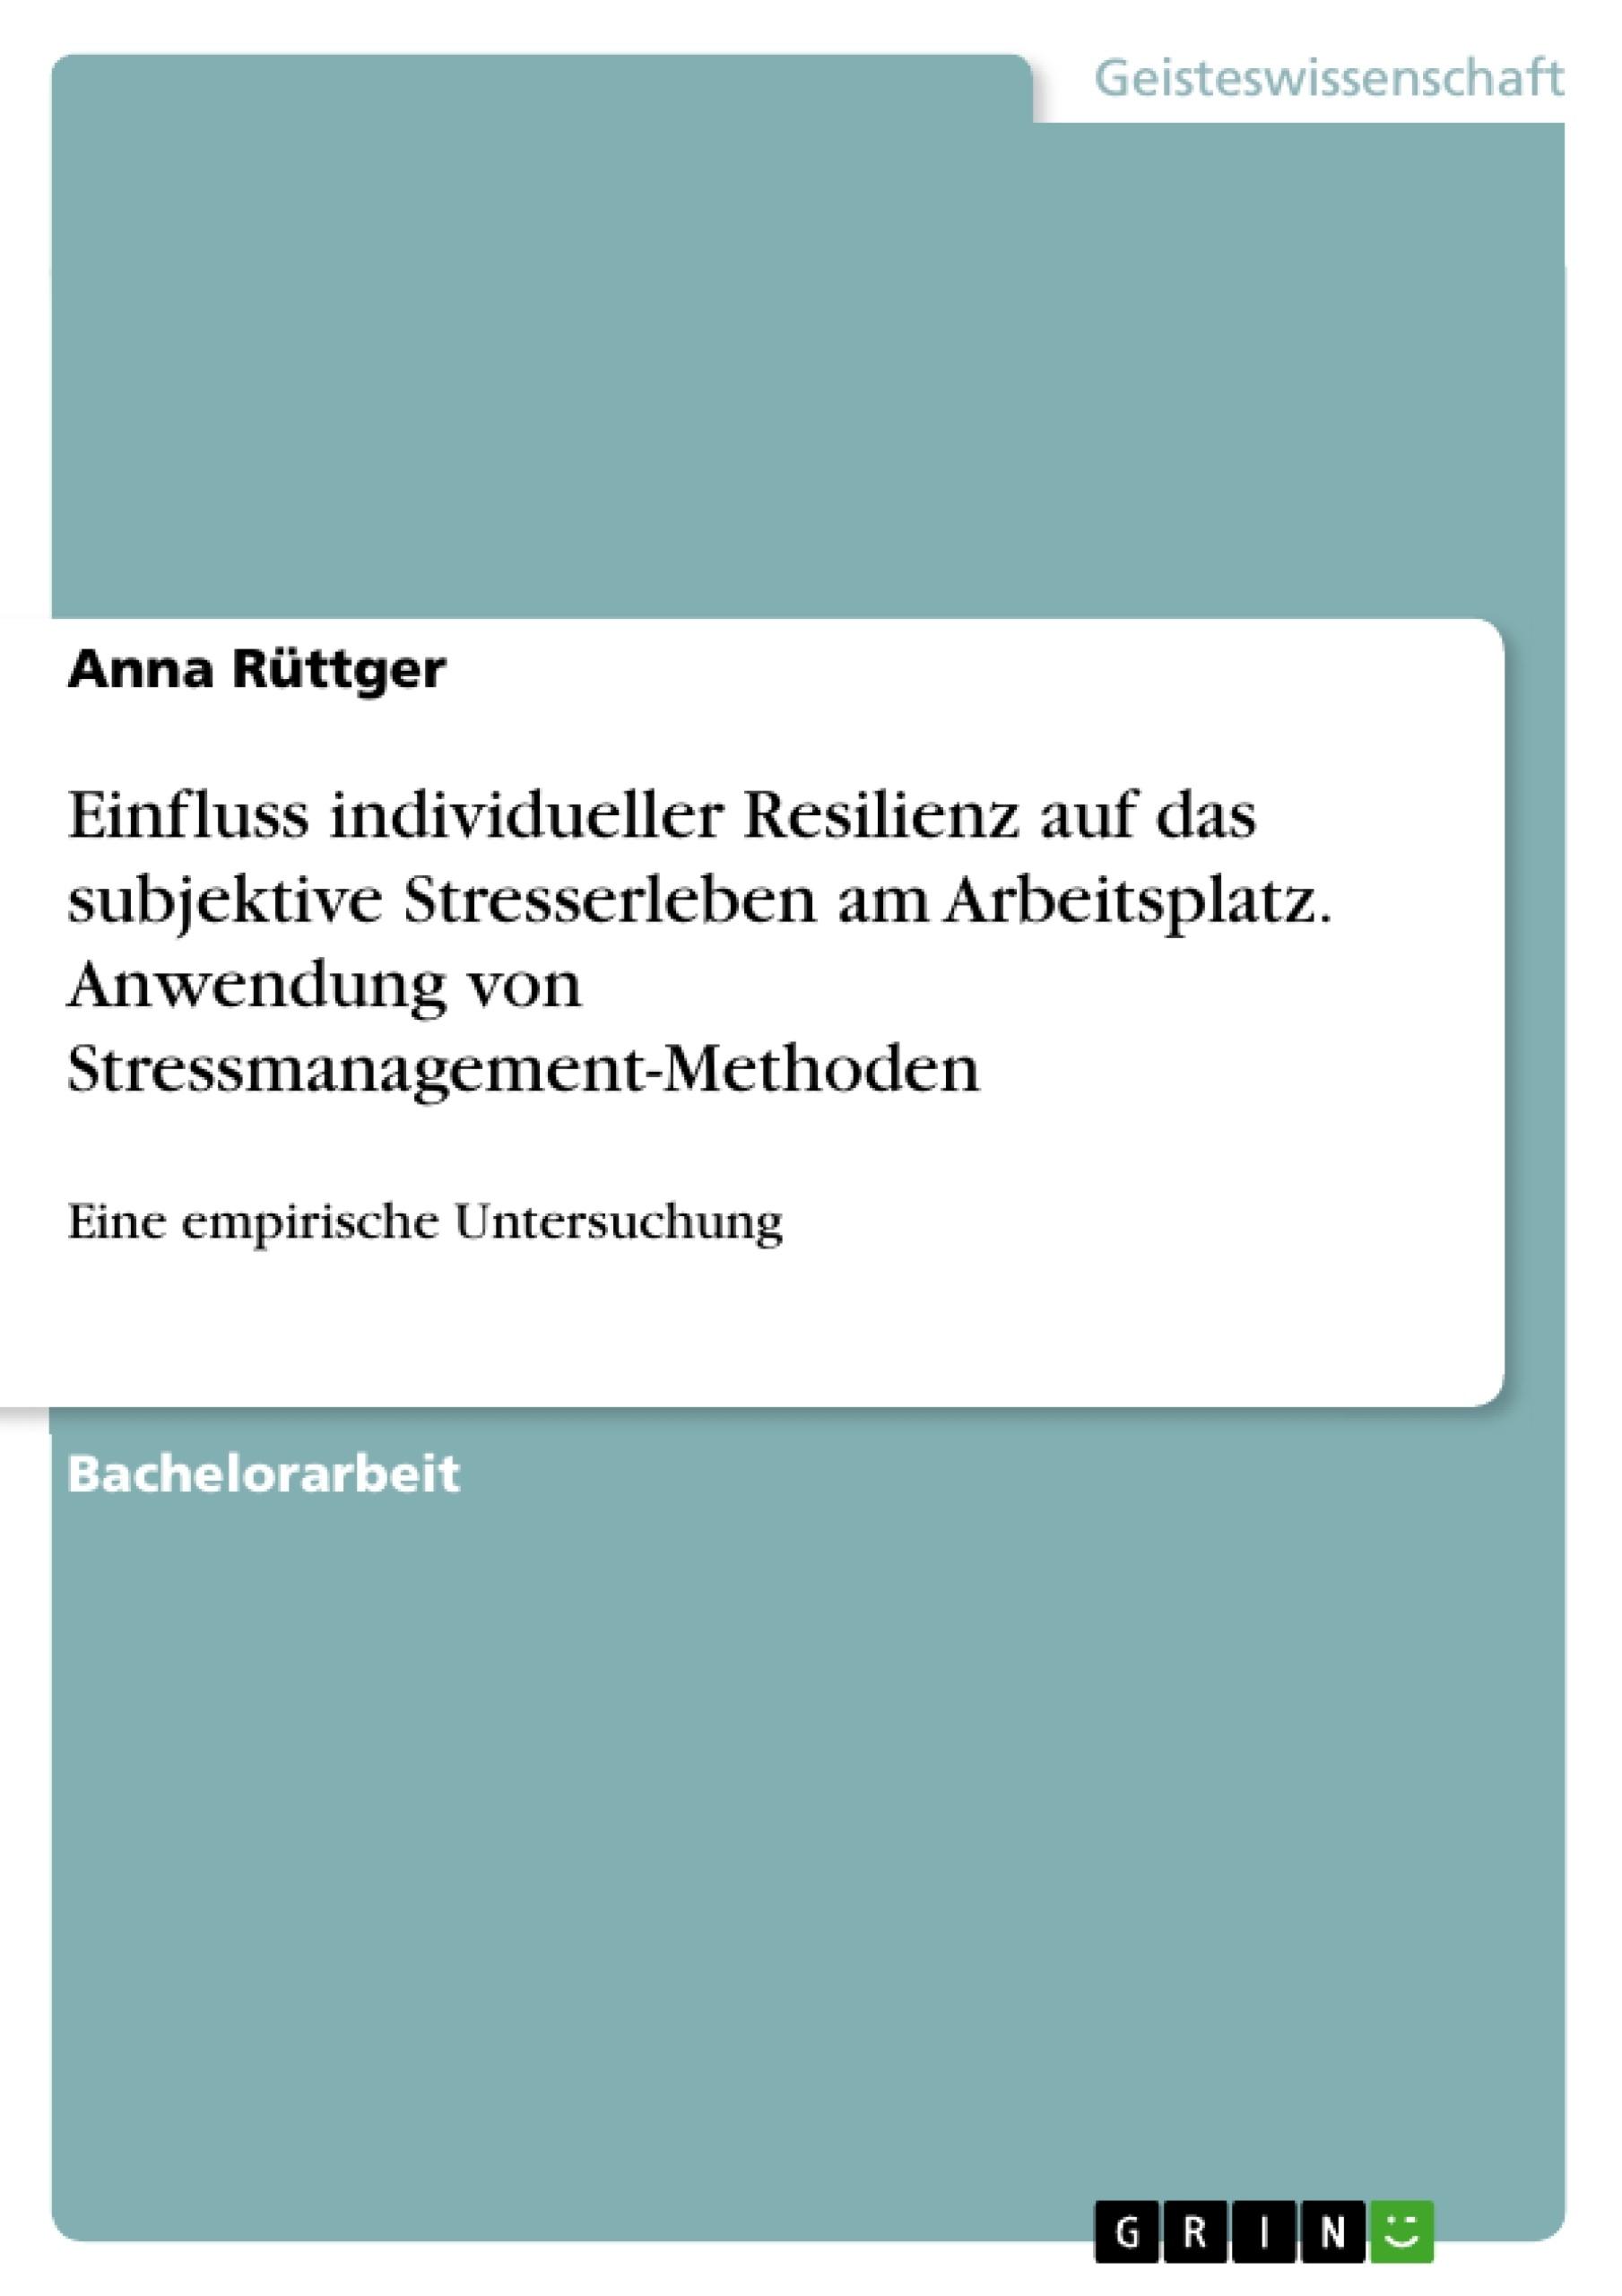 Titel: Einfluss individueller Resilienz auf das subjektive Stresserleben am Arbeitsplatz. Anwendung von Stressmanagement-Methoden